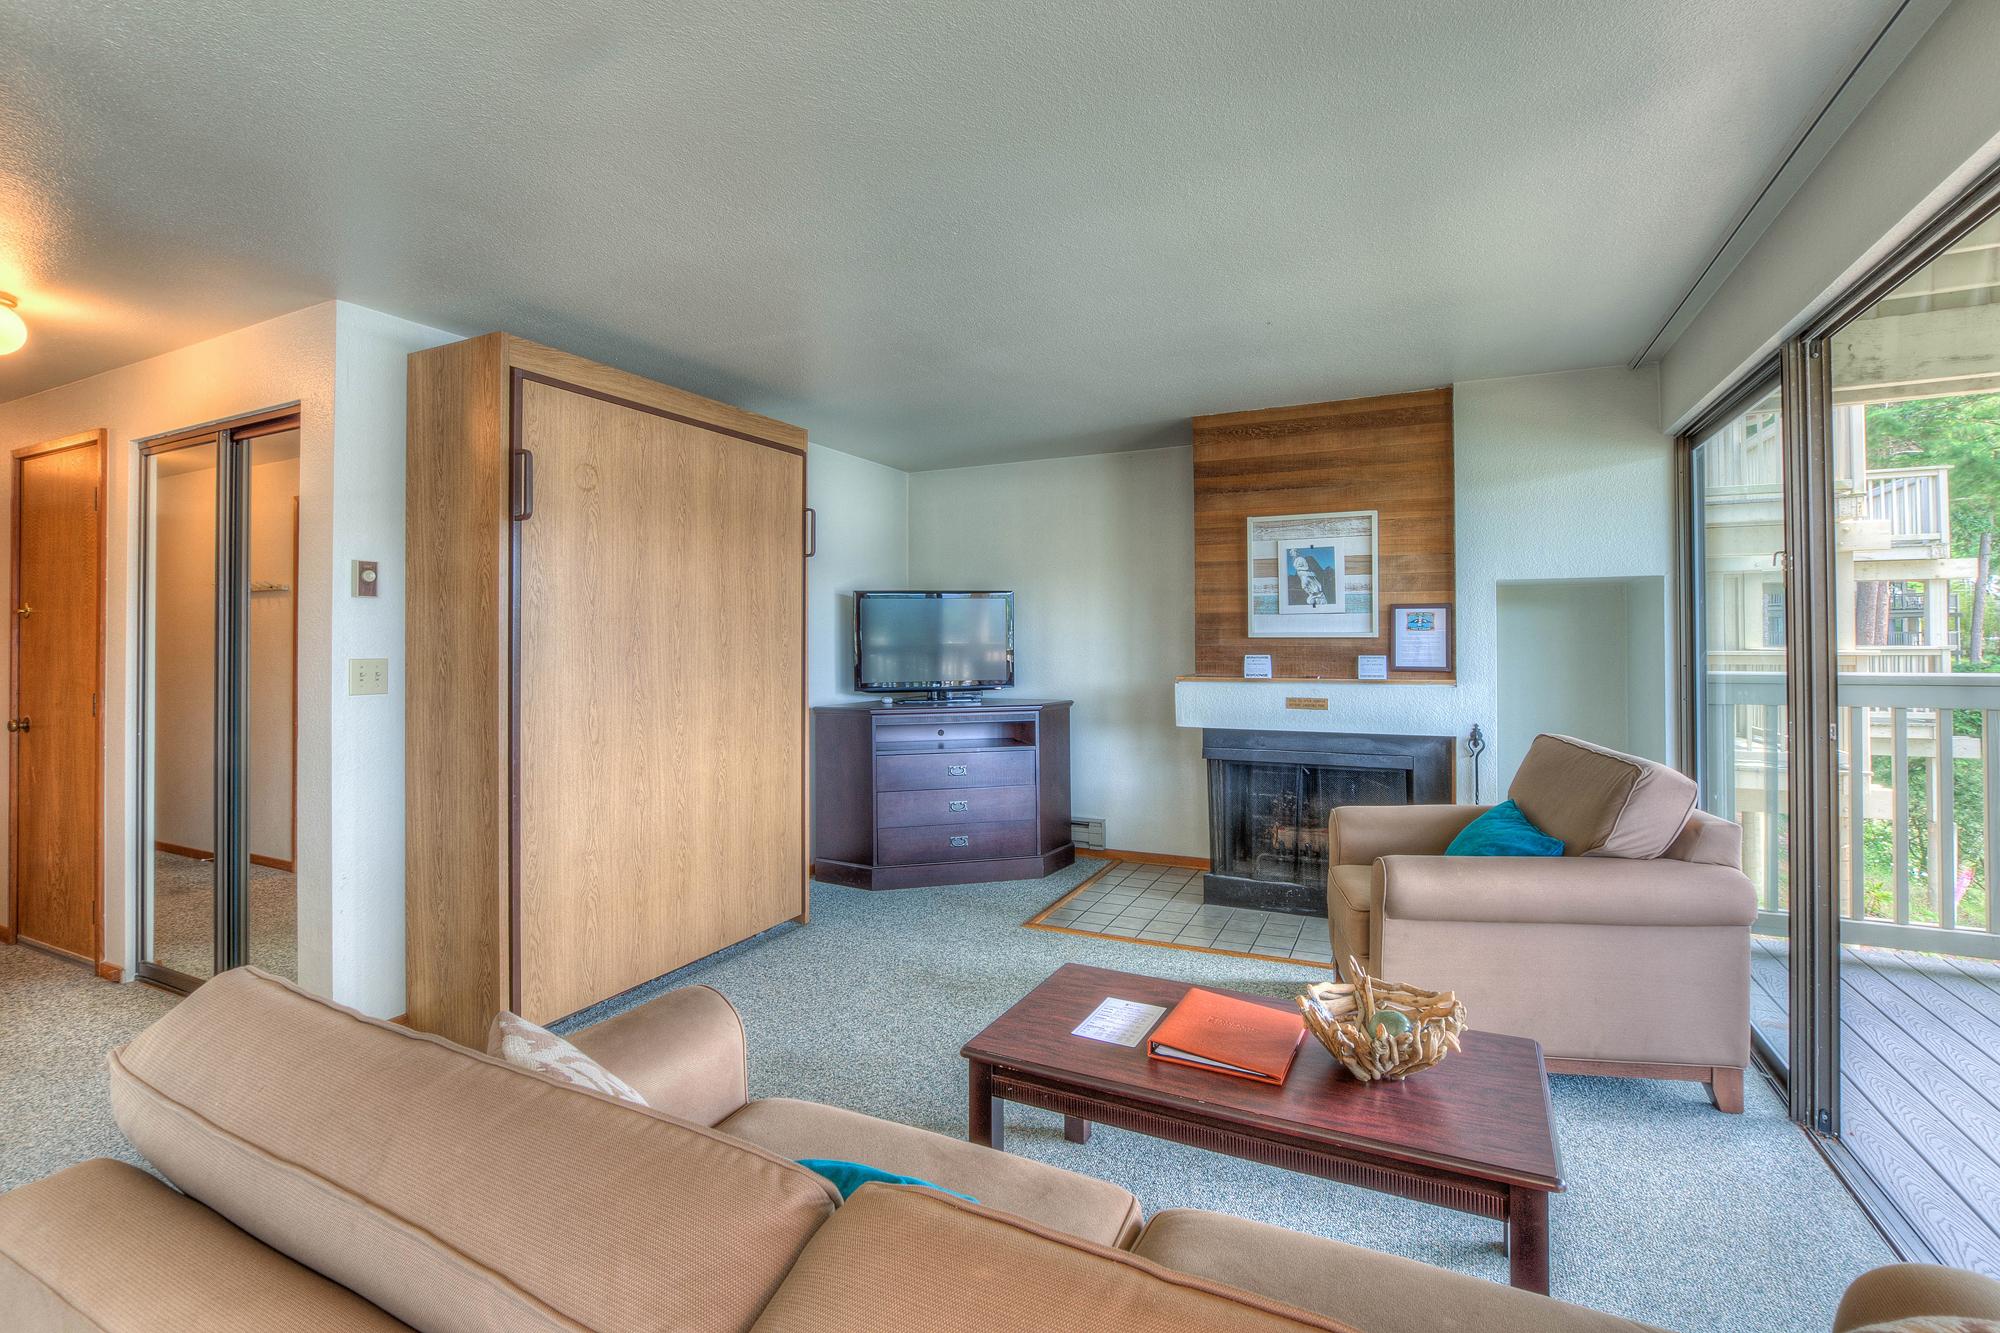 Harborview Lower Room (6 of 10).jpg